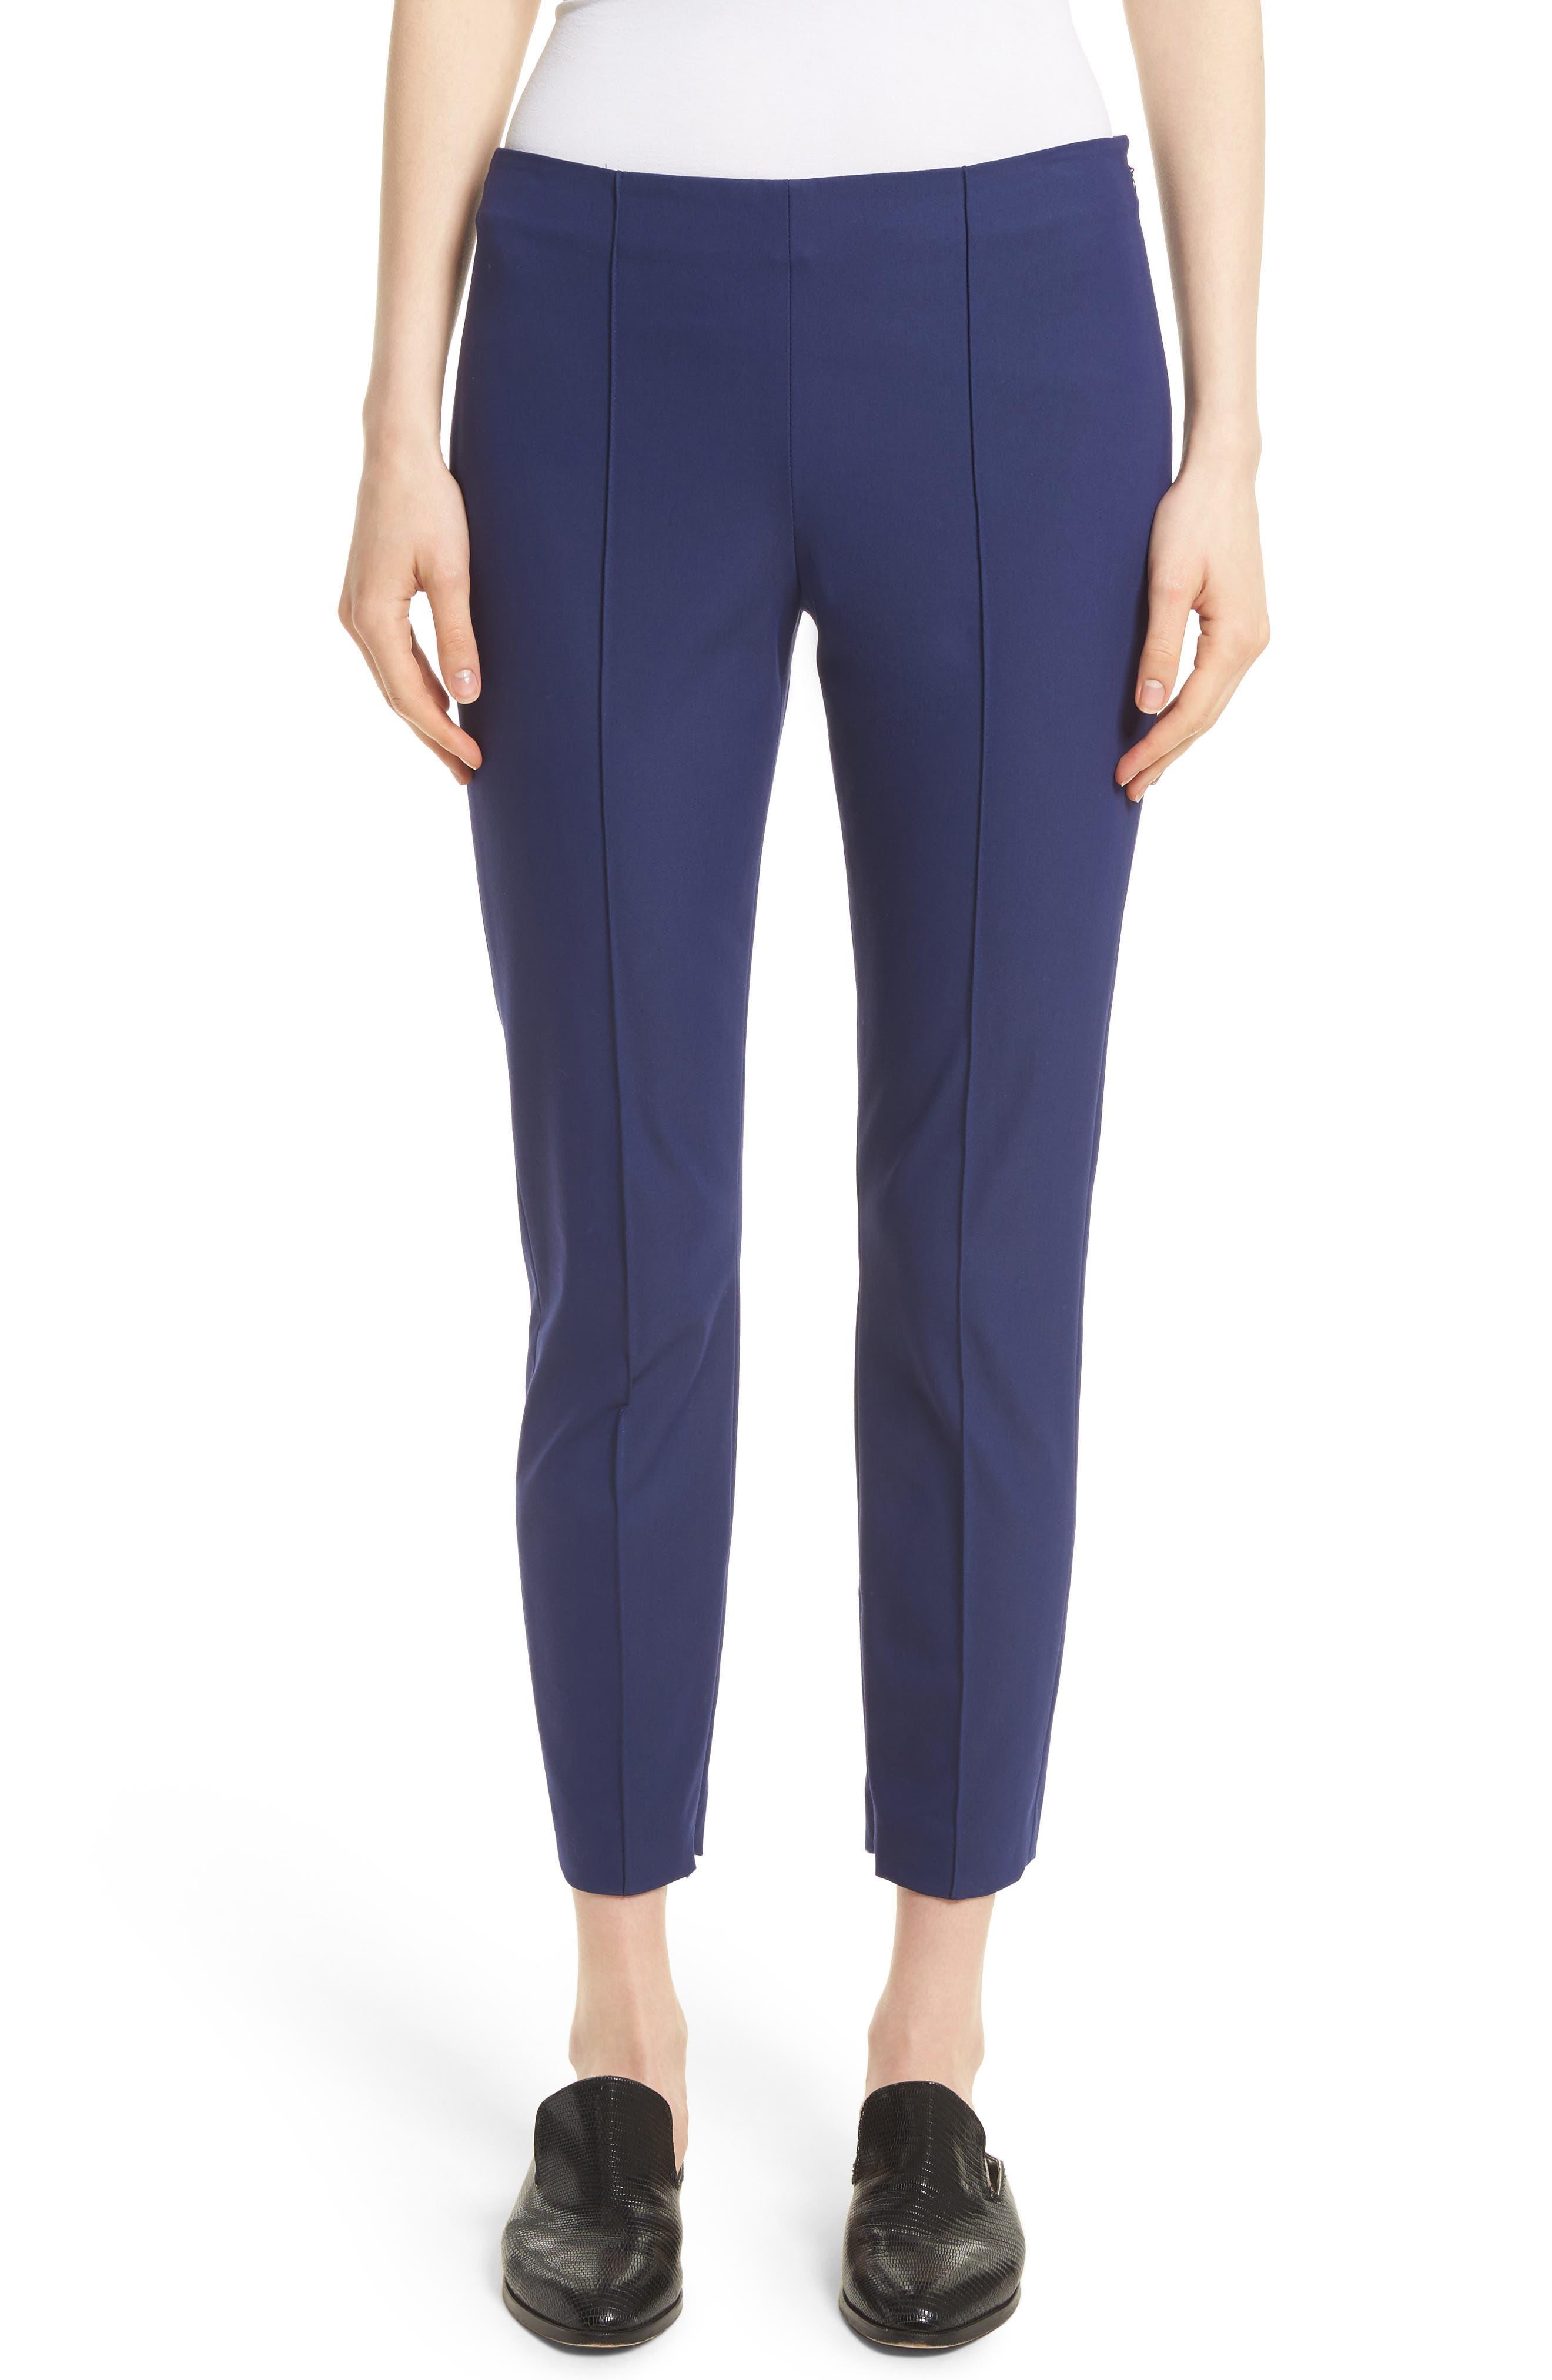 Alettah Approach Crop Pants,                         Main,                         color, 449